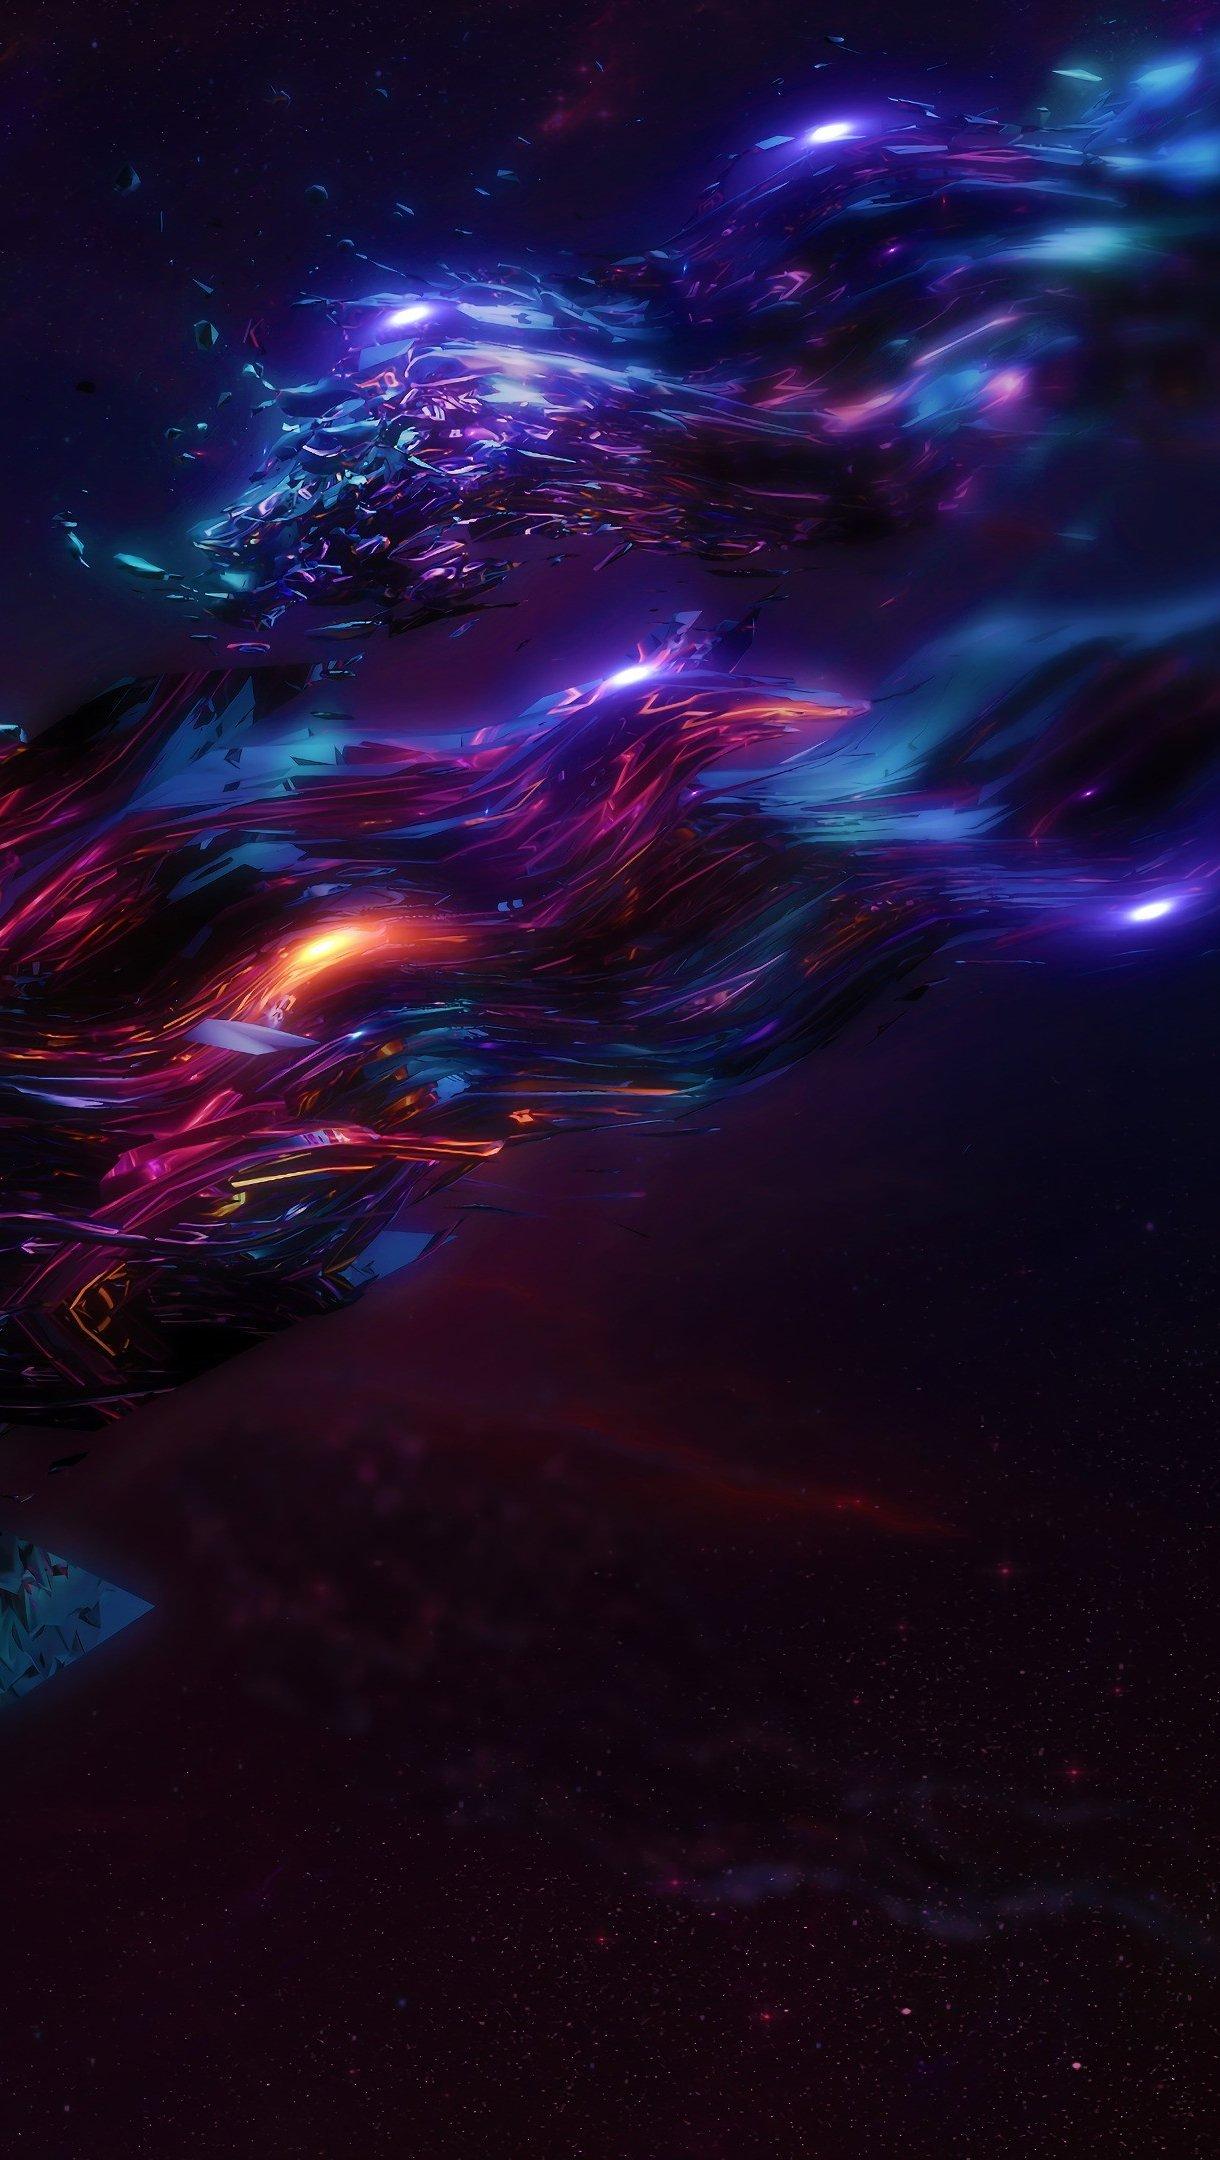 Fondos de pantalla Universo Abstracto Vertical